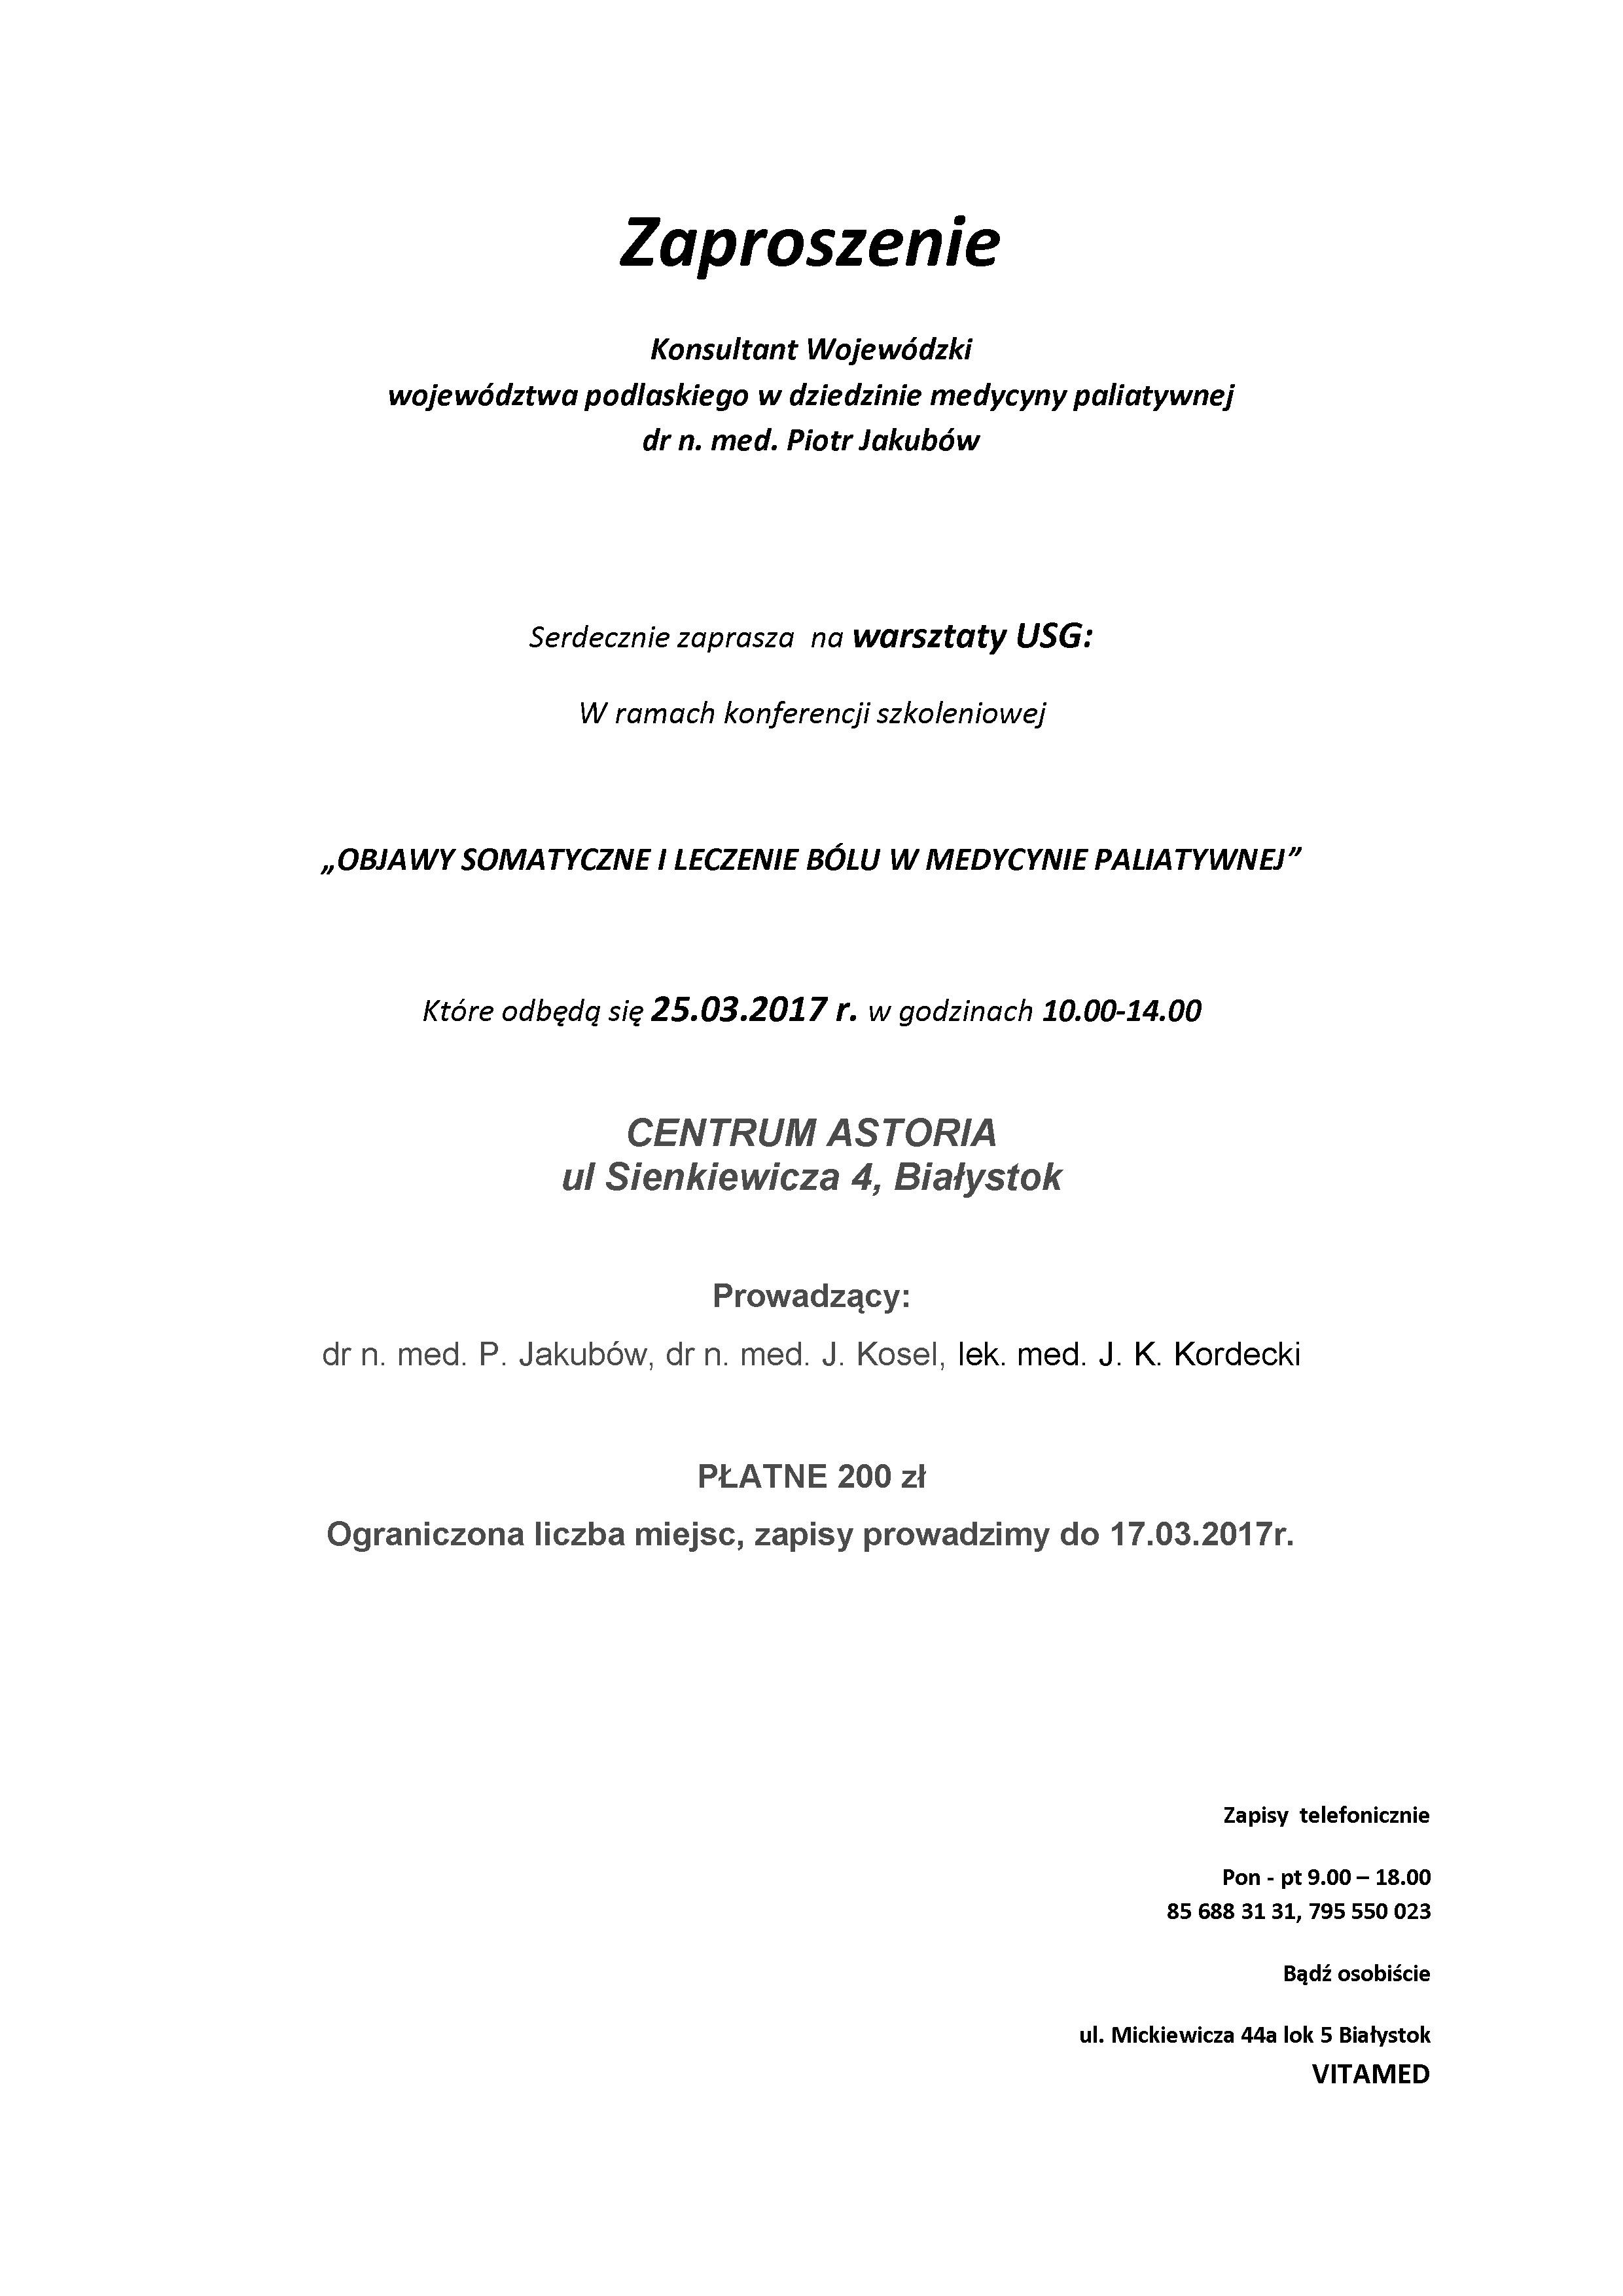 Zaproszenie konferencja 25,03,2017 (2)_Strona_2